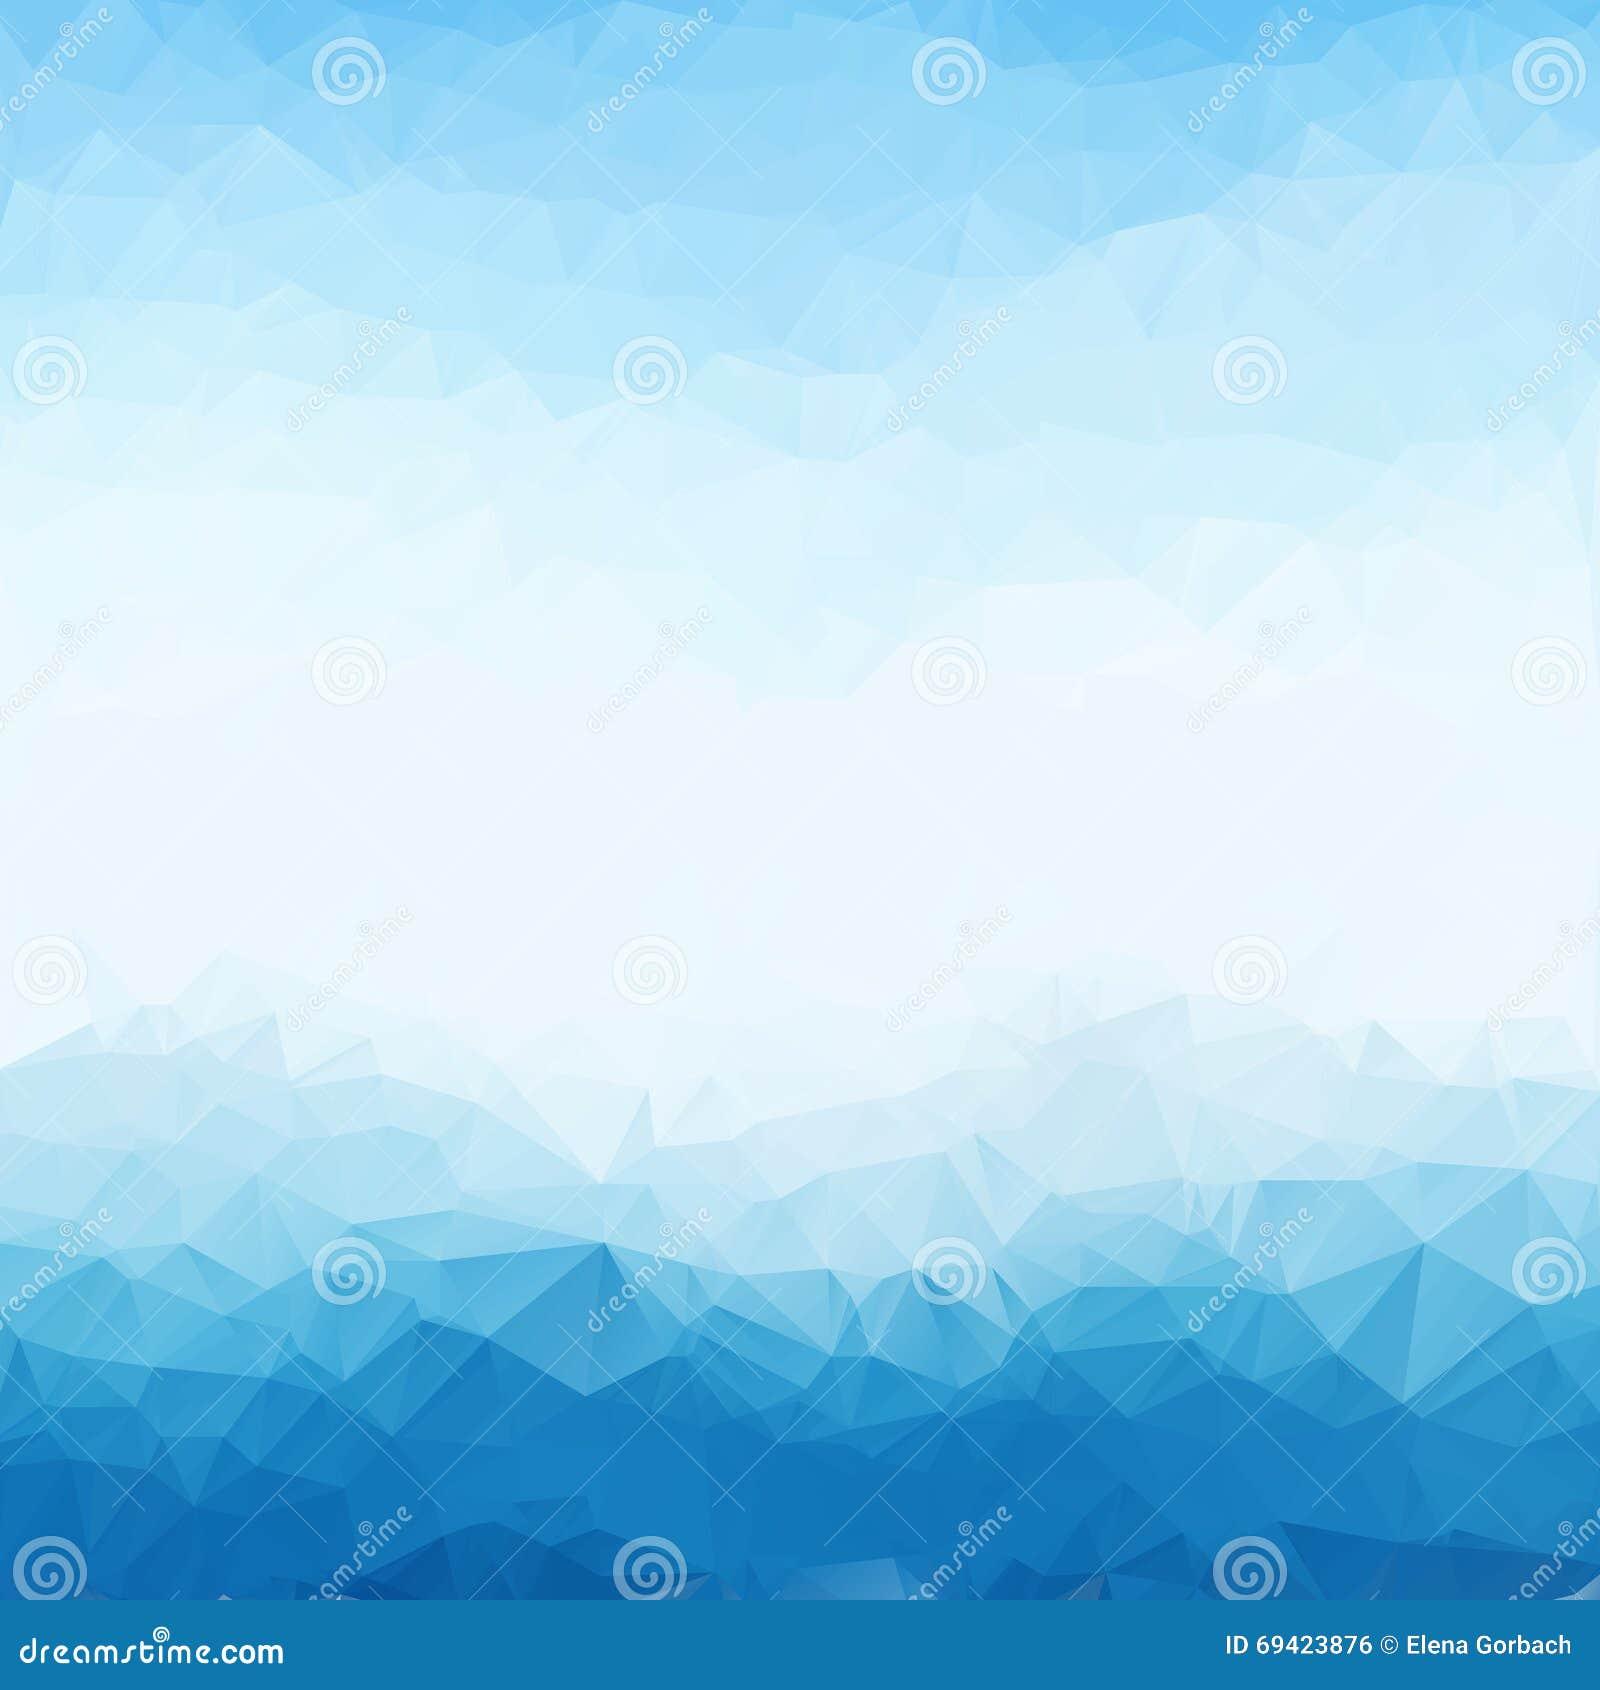 Ανοικτό μπλε φωτεινό πλαίσιο υποβάθρου πολυγώνων τριγώνων Αφηρημένο γεωμετρικό σκηνικό Γεωμετρικό σχέδιο για την επιχείρηση